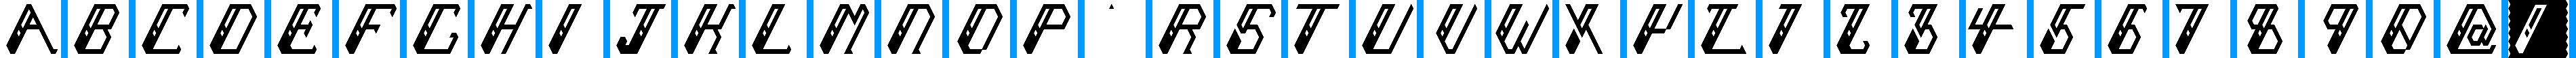 Particip-a-type v.280